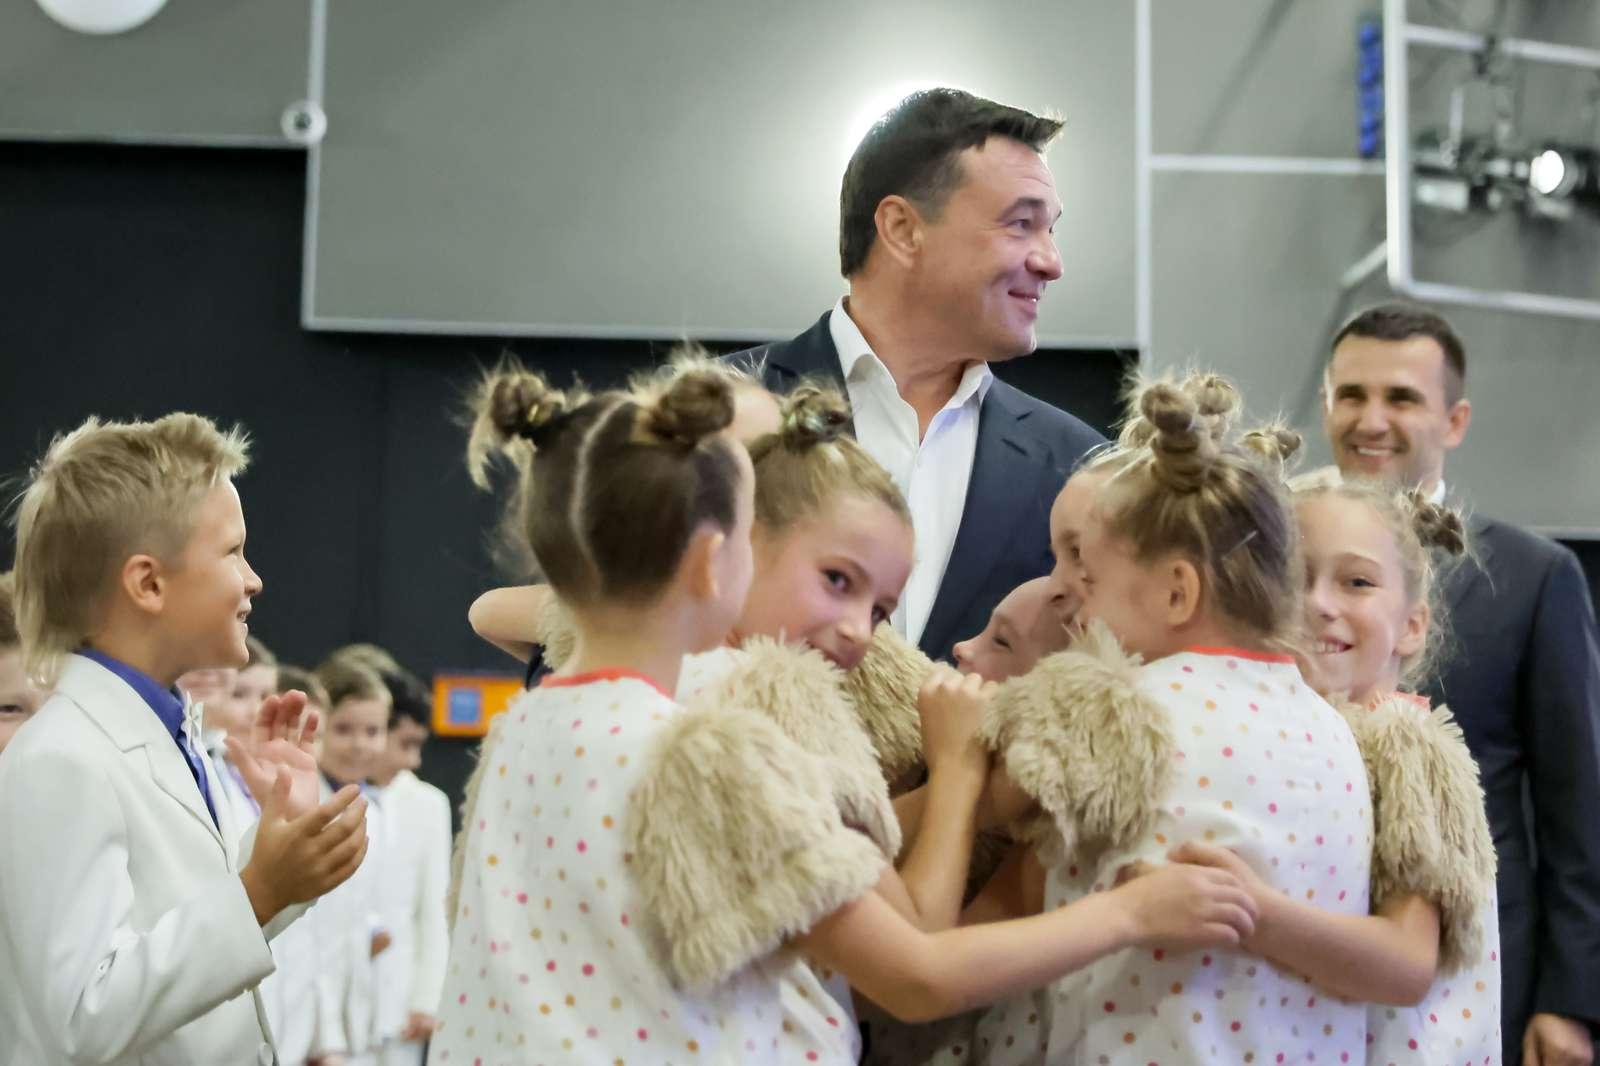 Более 700 детей занимаются в обновленном центре искусств в Реутове. Реконструкция сделала творчество доступнее   Изображение 1